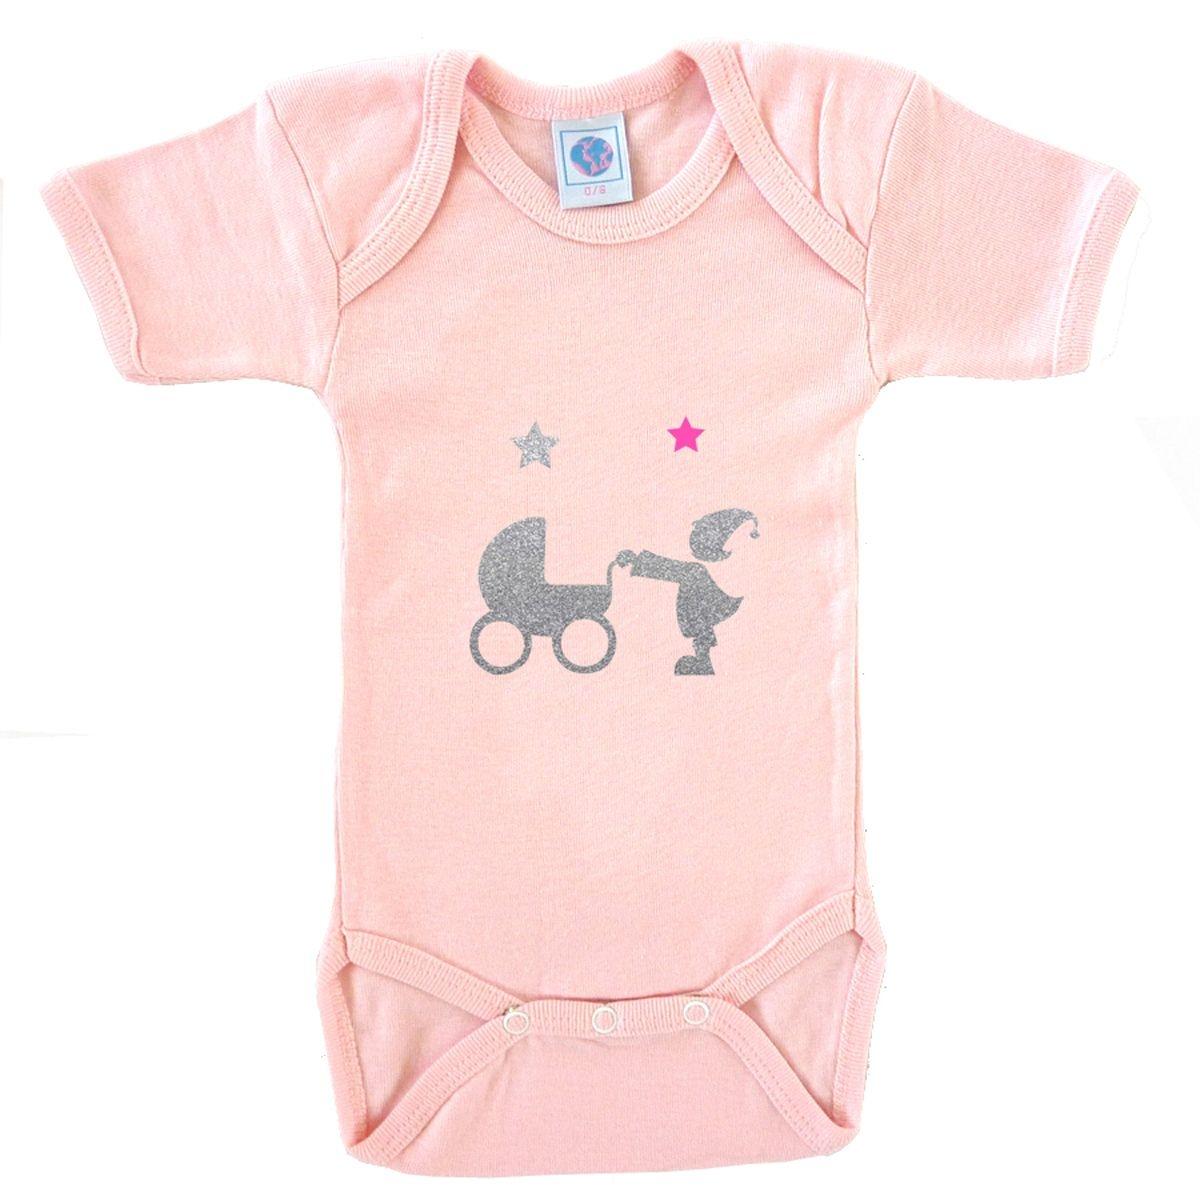 Body bébé en coton manches courtes rose